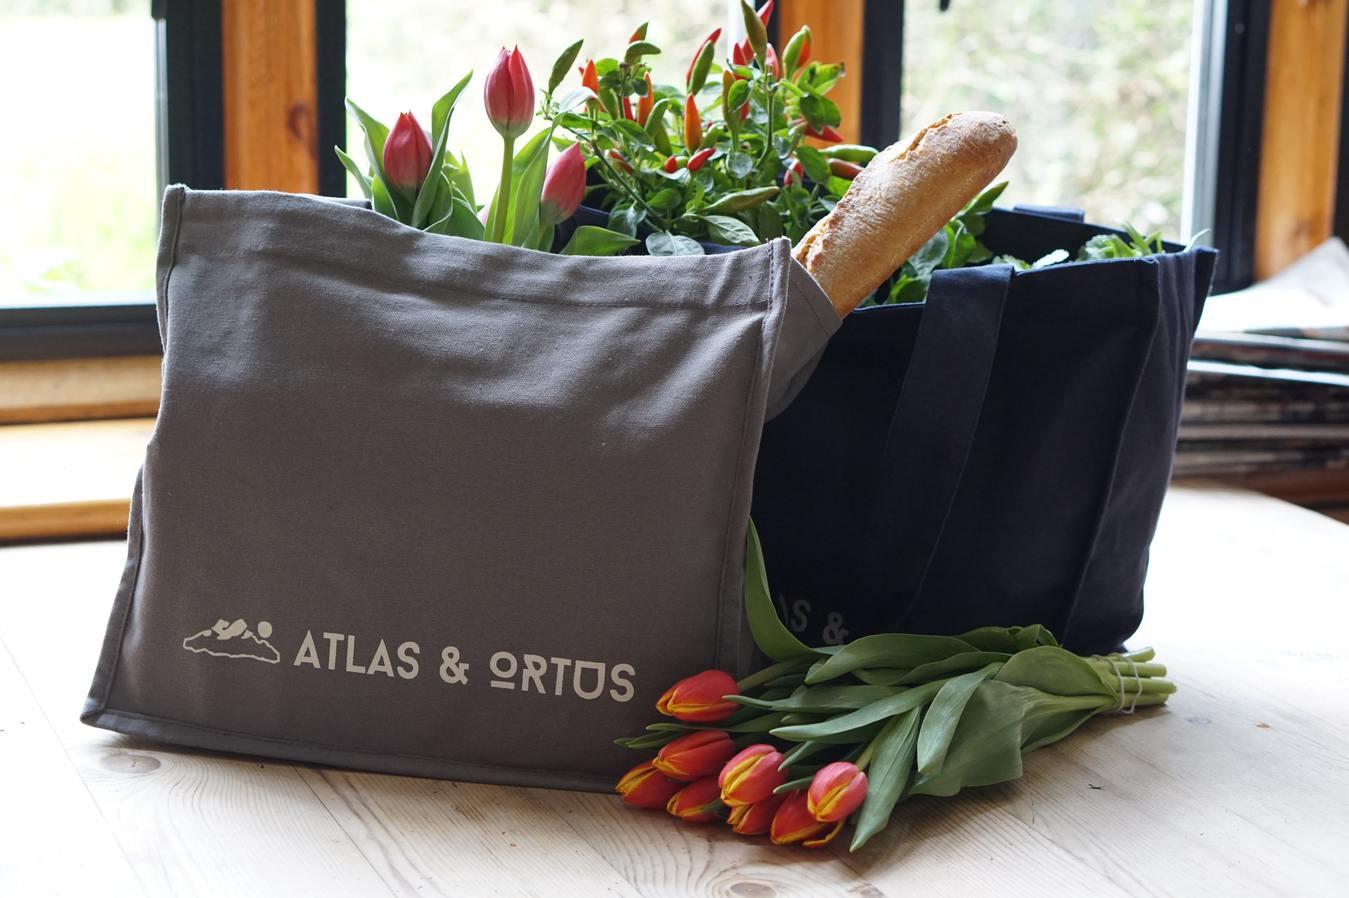 Tas belanja berisi makanan di atas meja